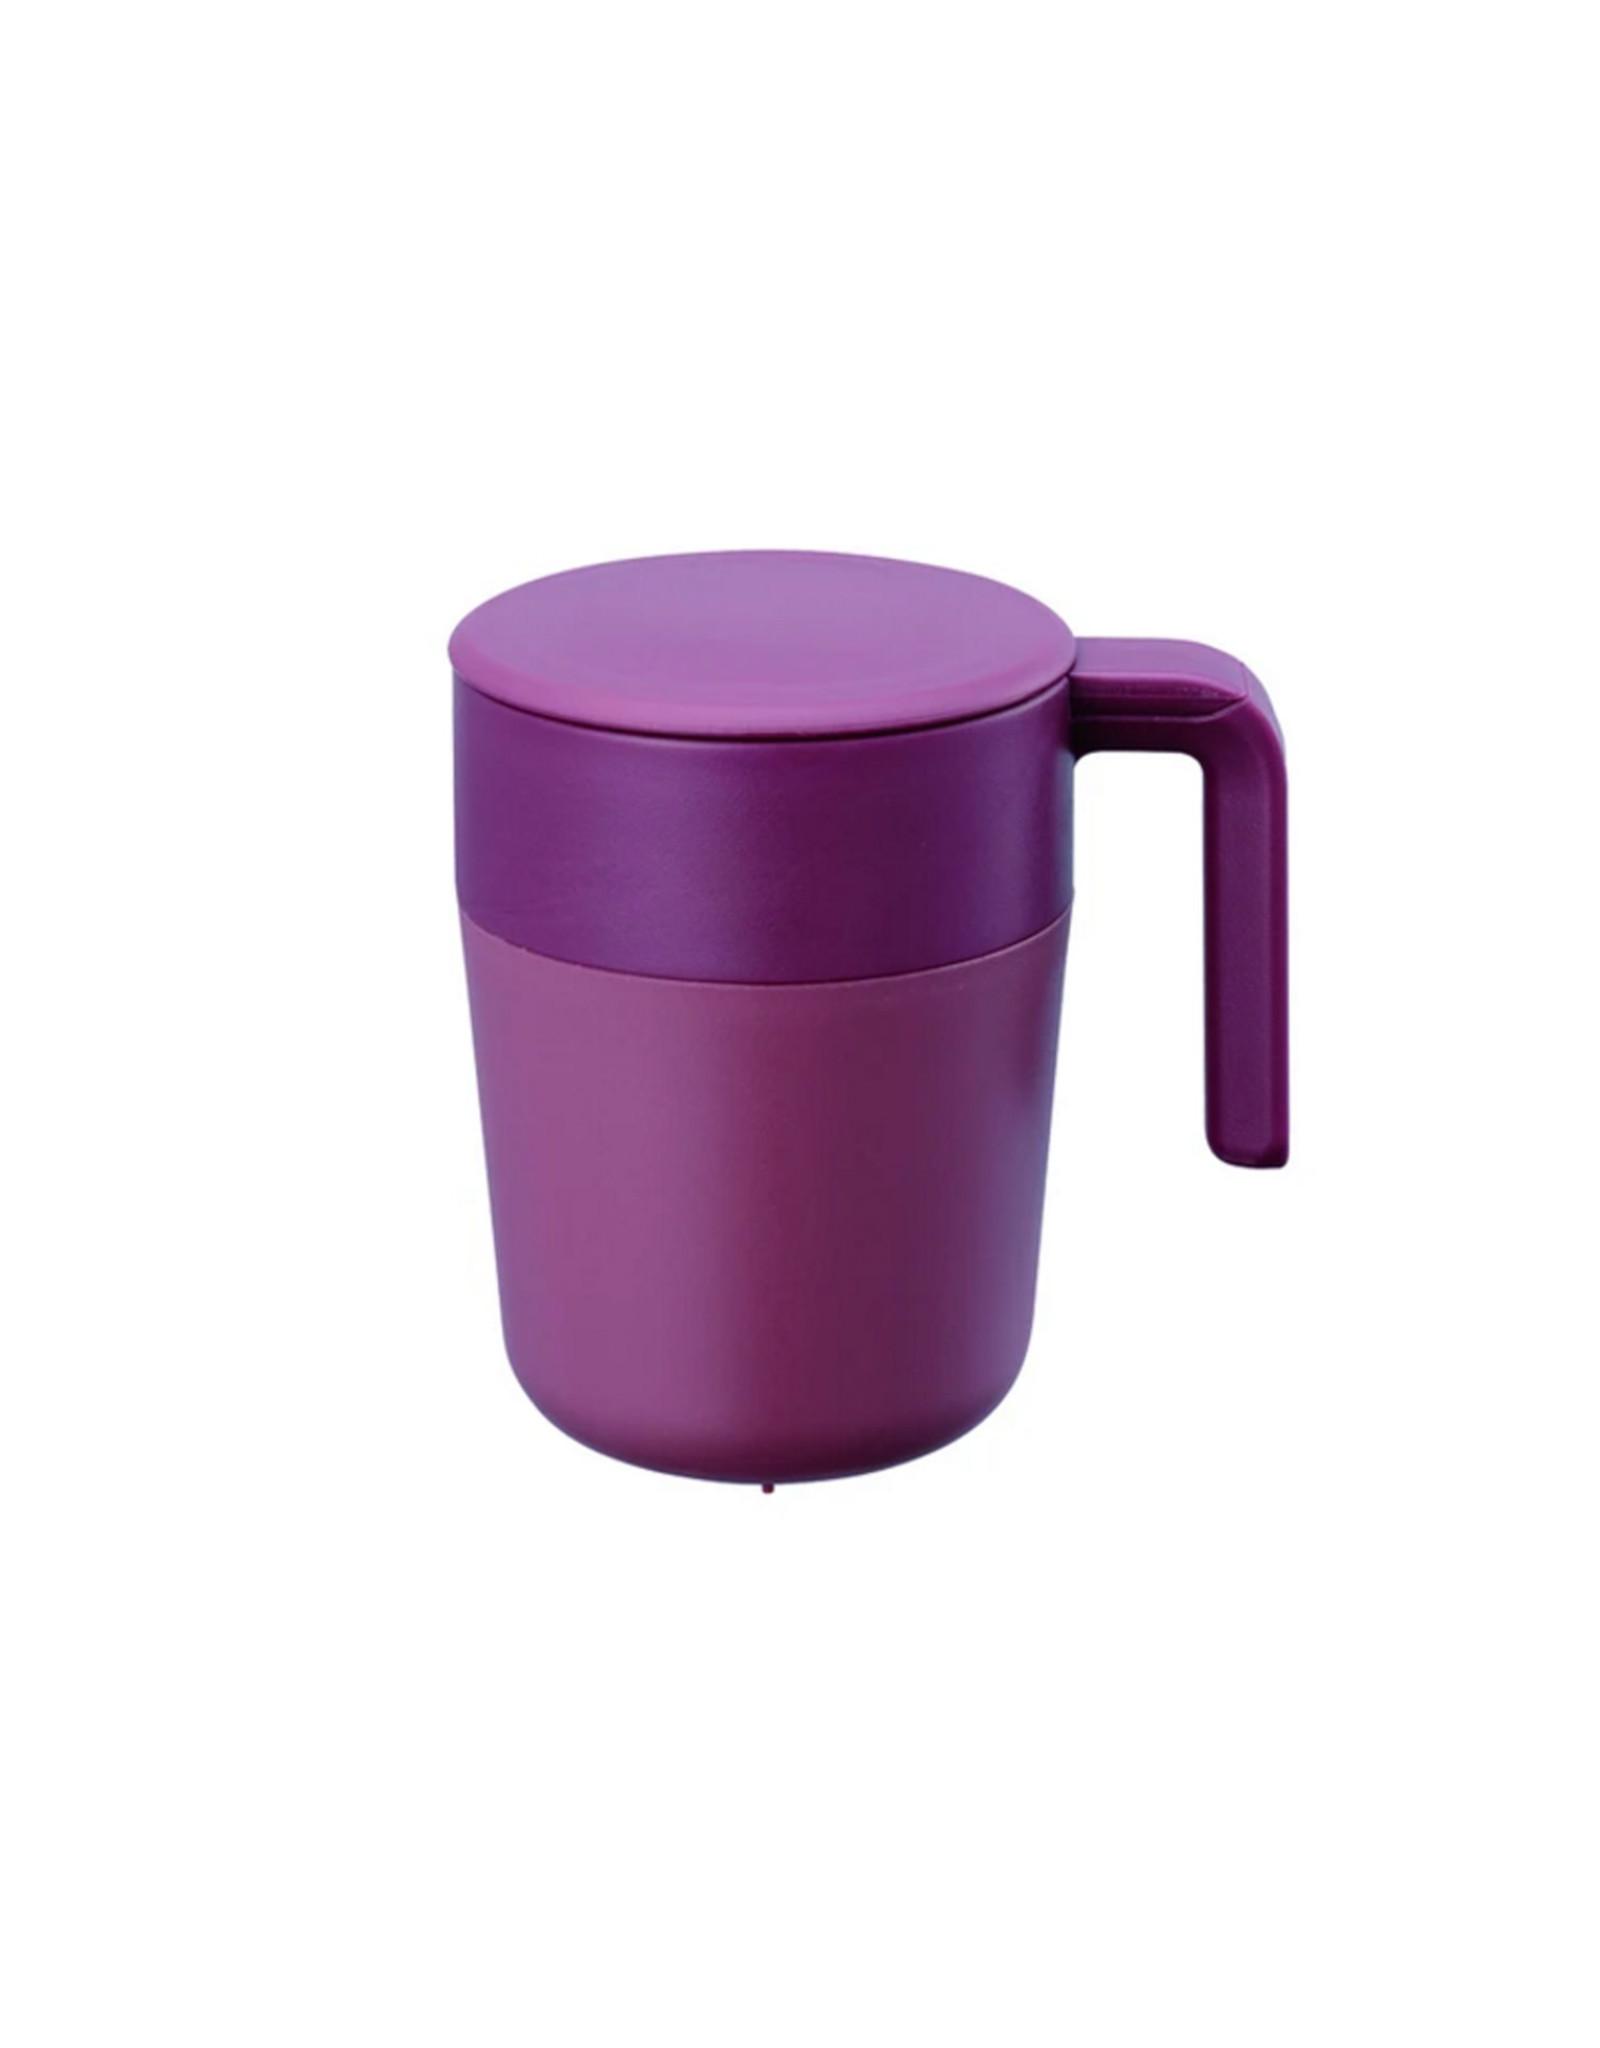 Kinto Cafepress Mug, Wine Red